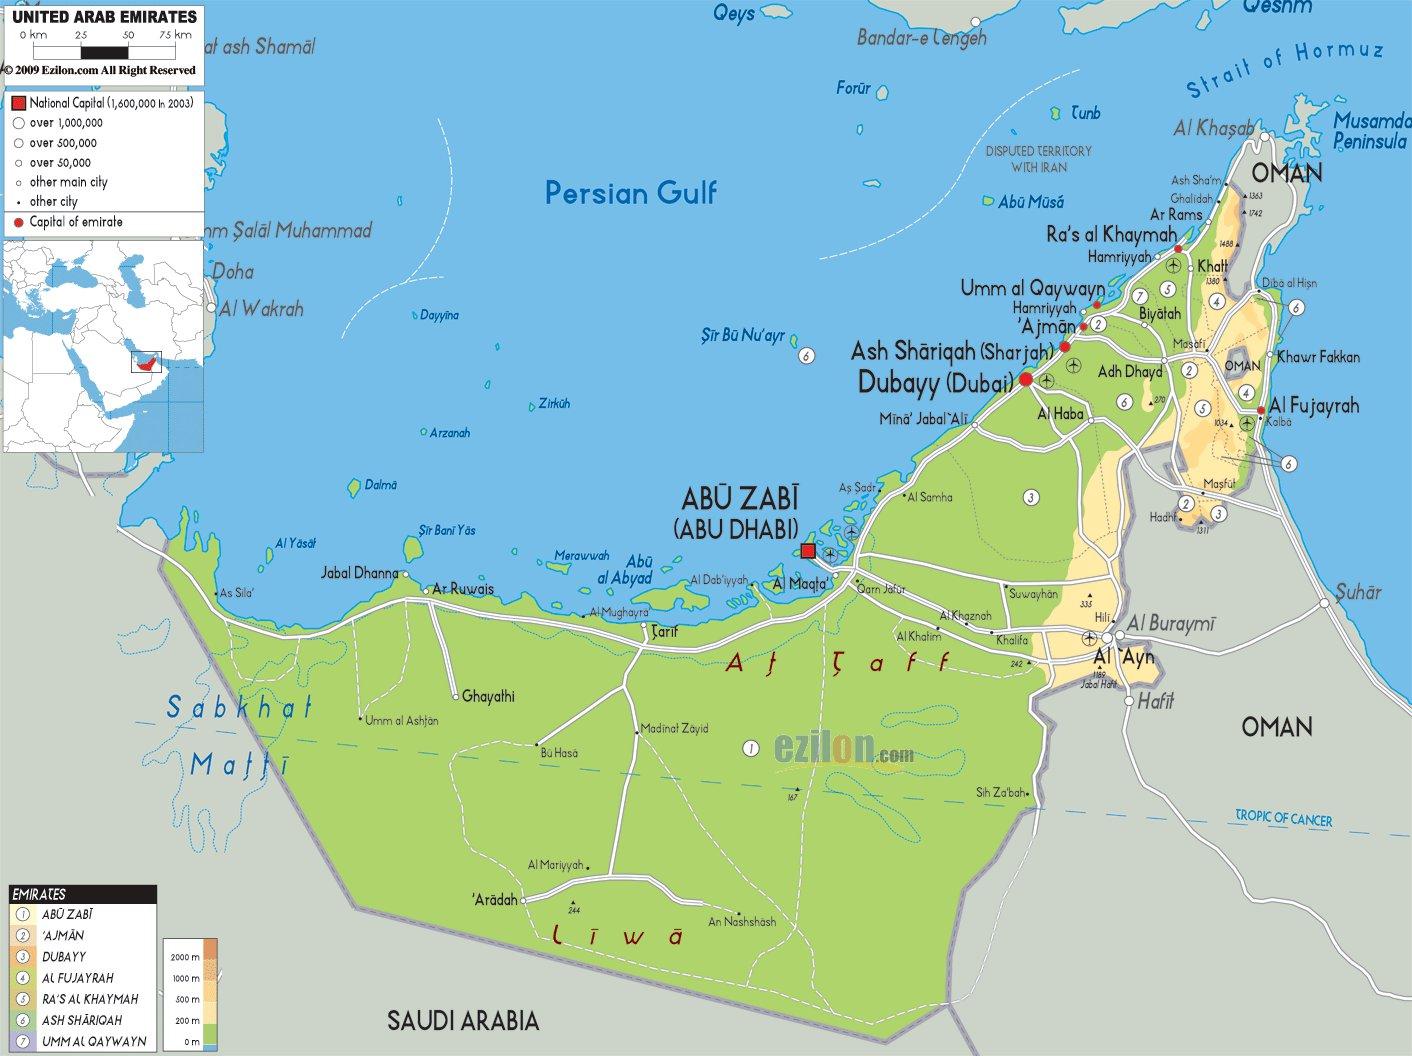 карта арабские эмираты дубай